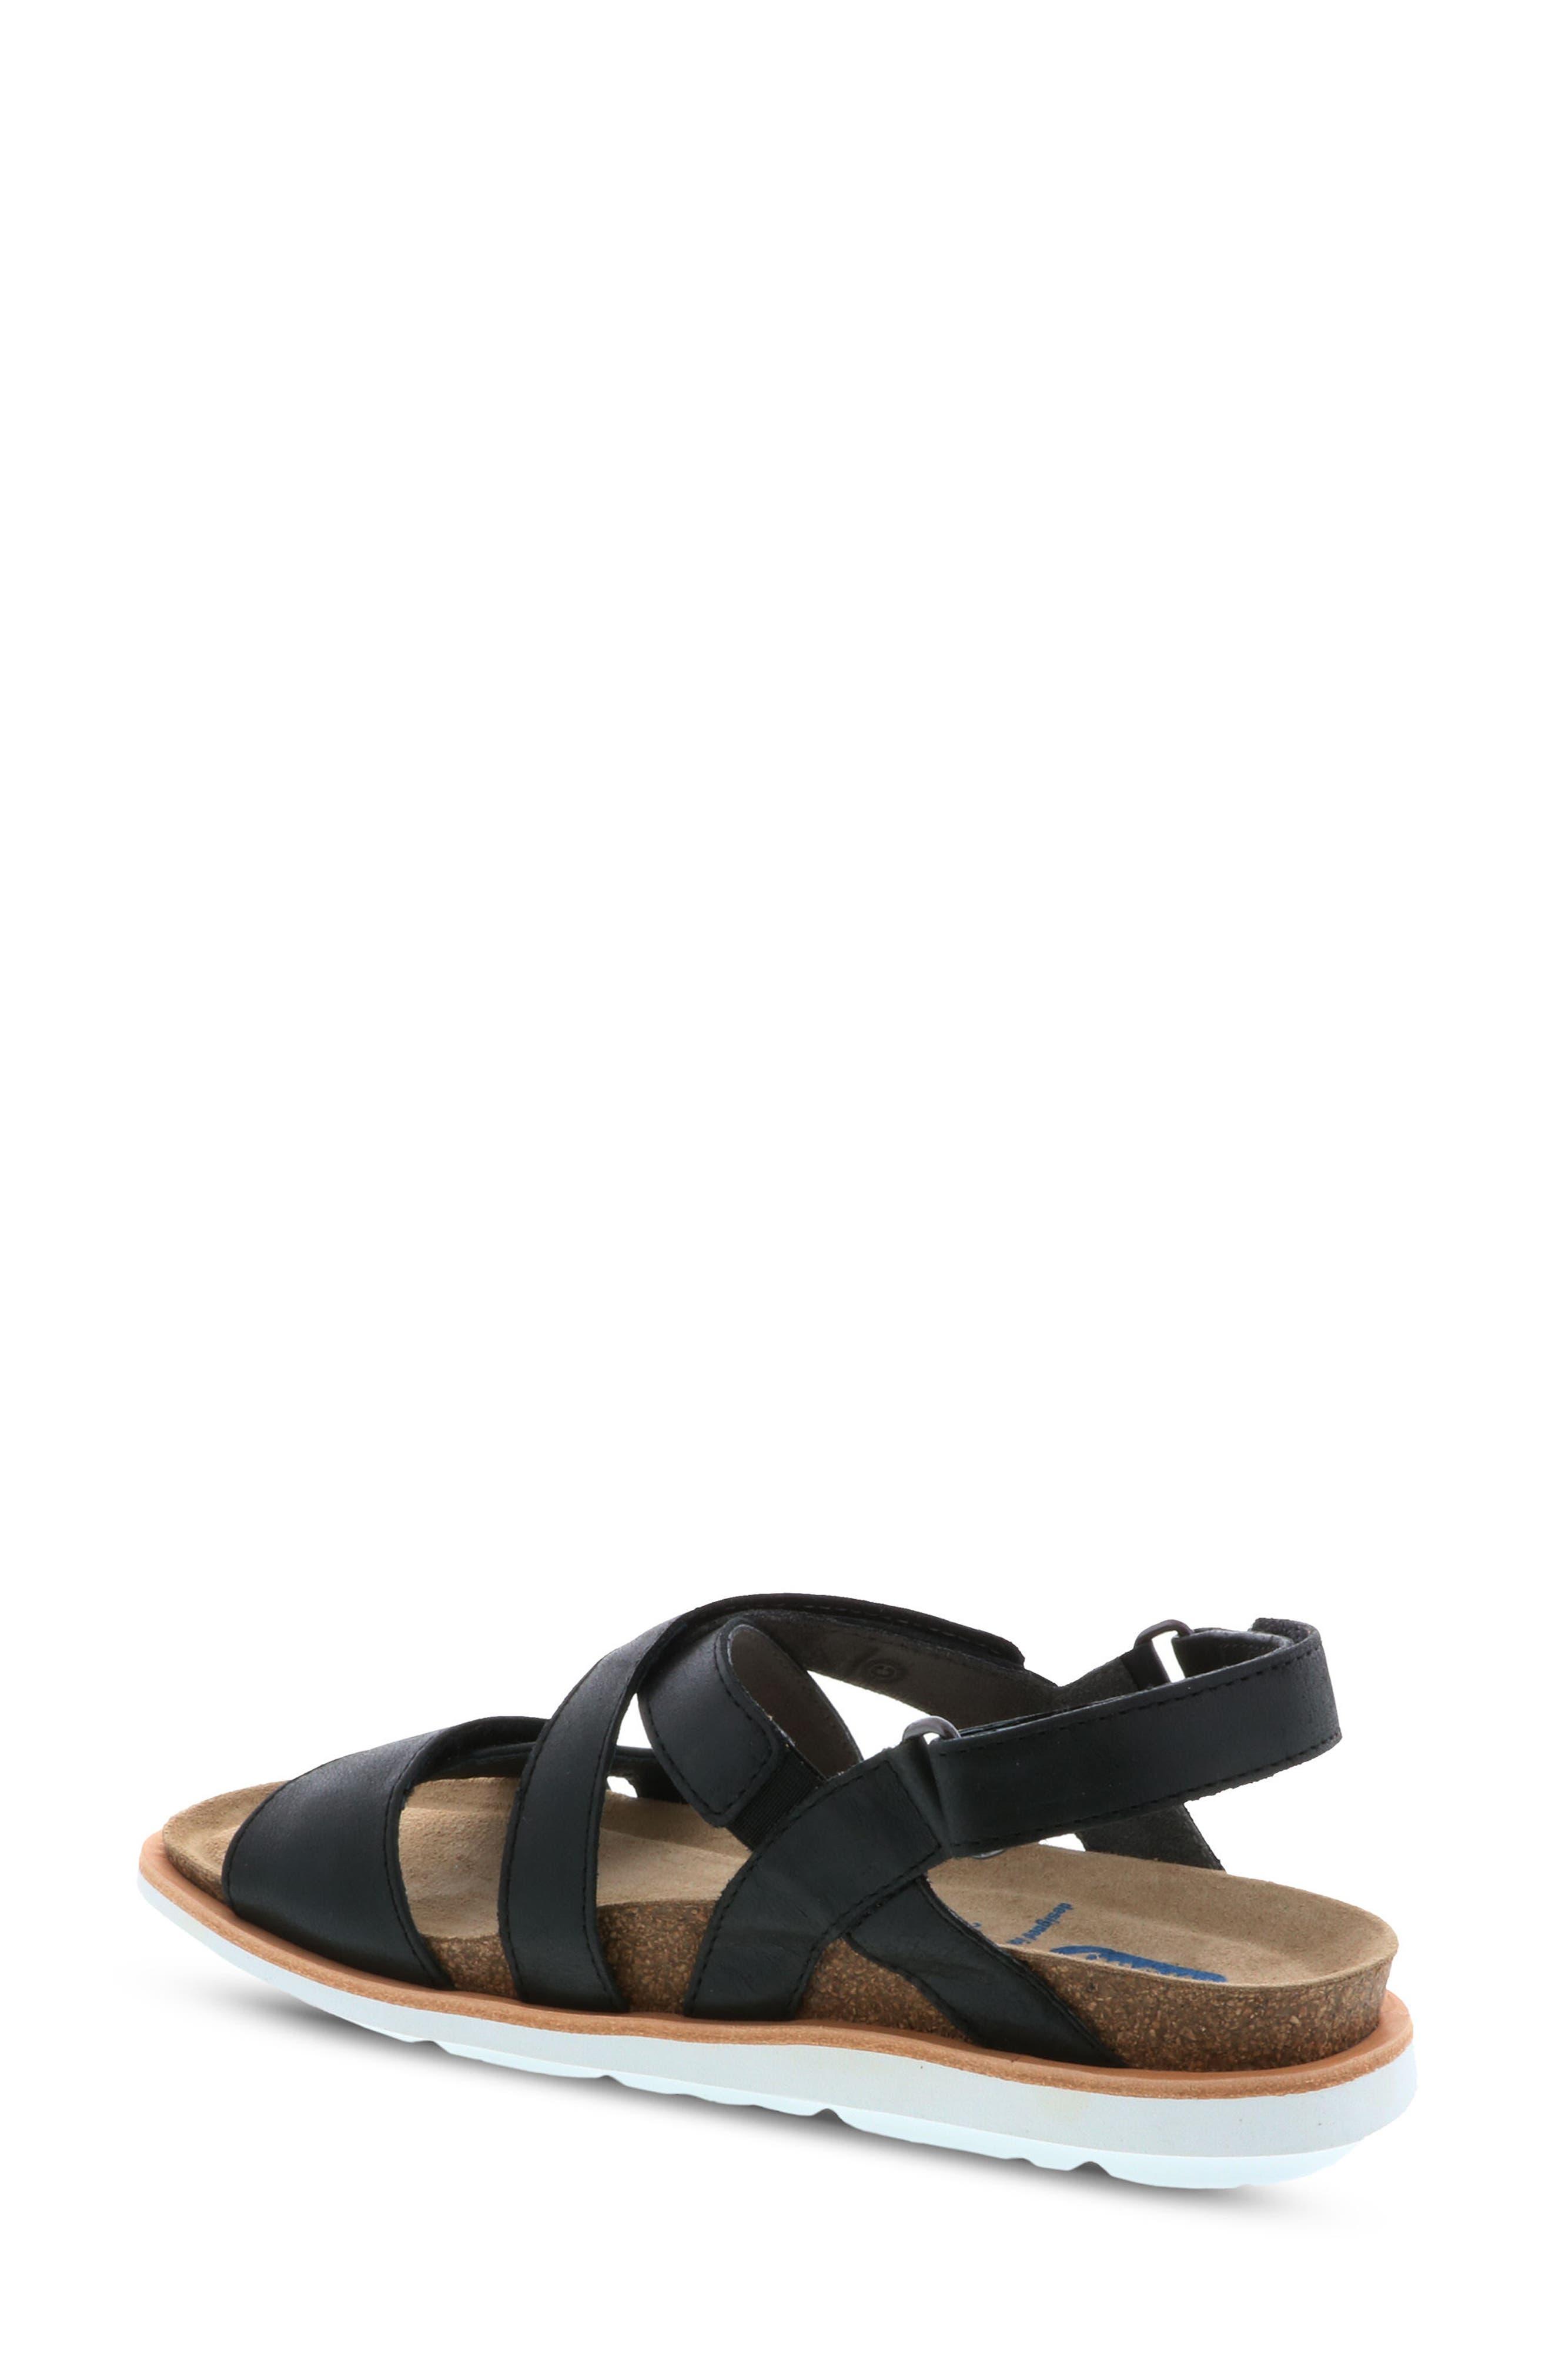 Sunstone Sandal,                             Alternate thumbnail 2, color,                             Black Summer